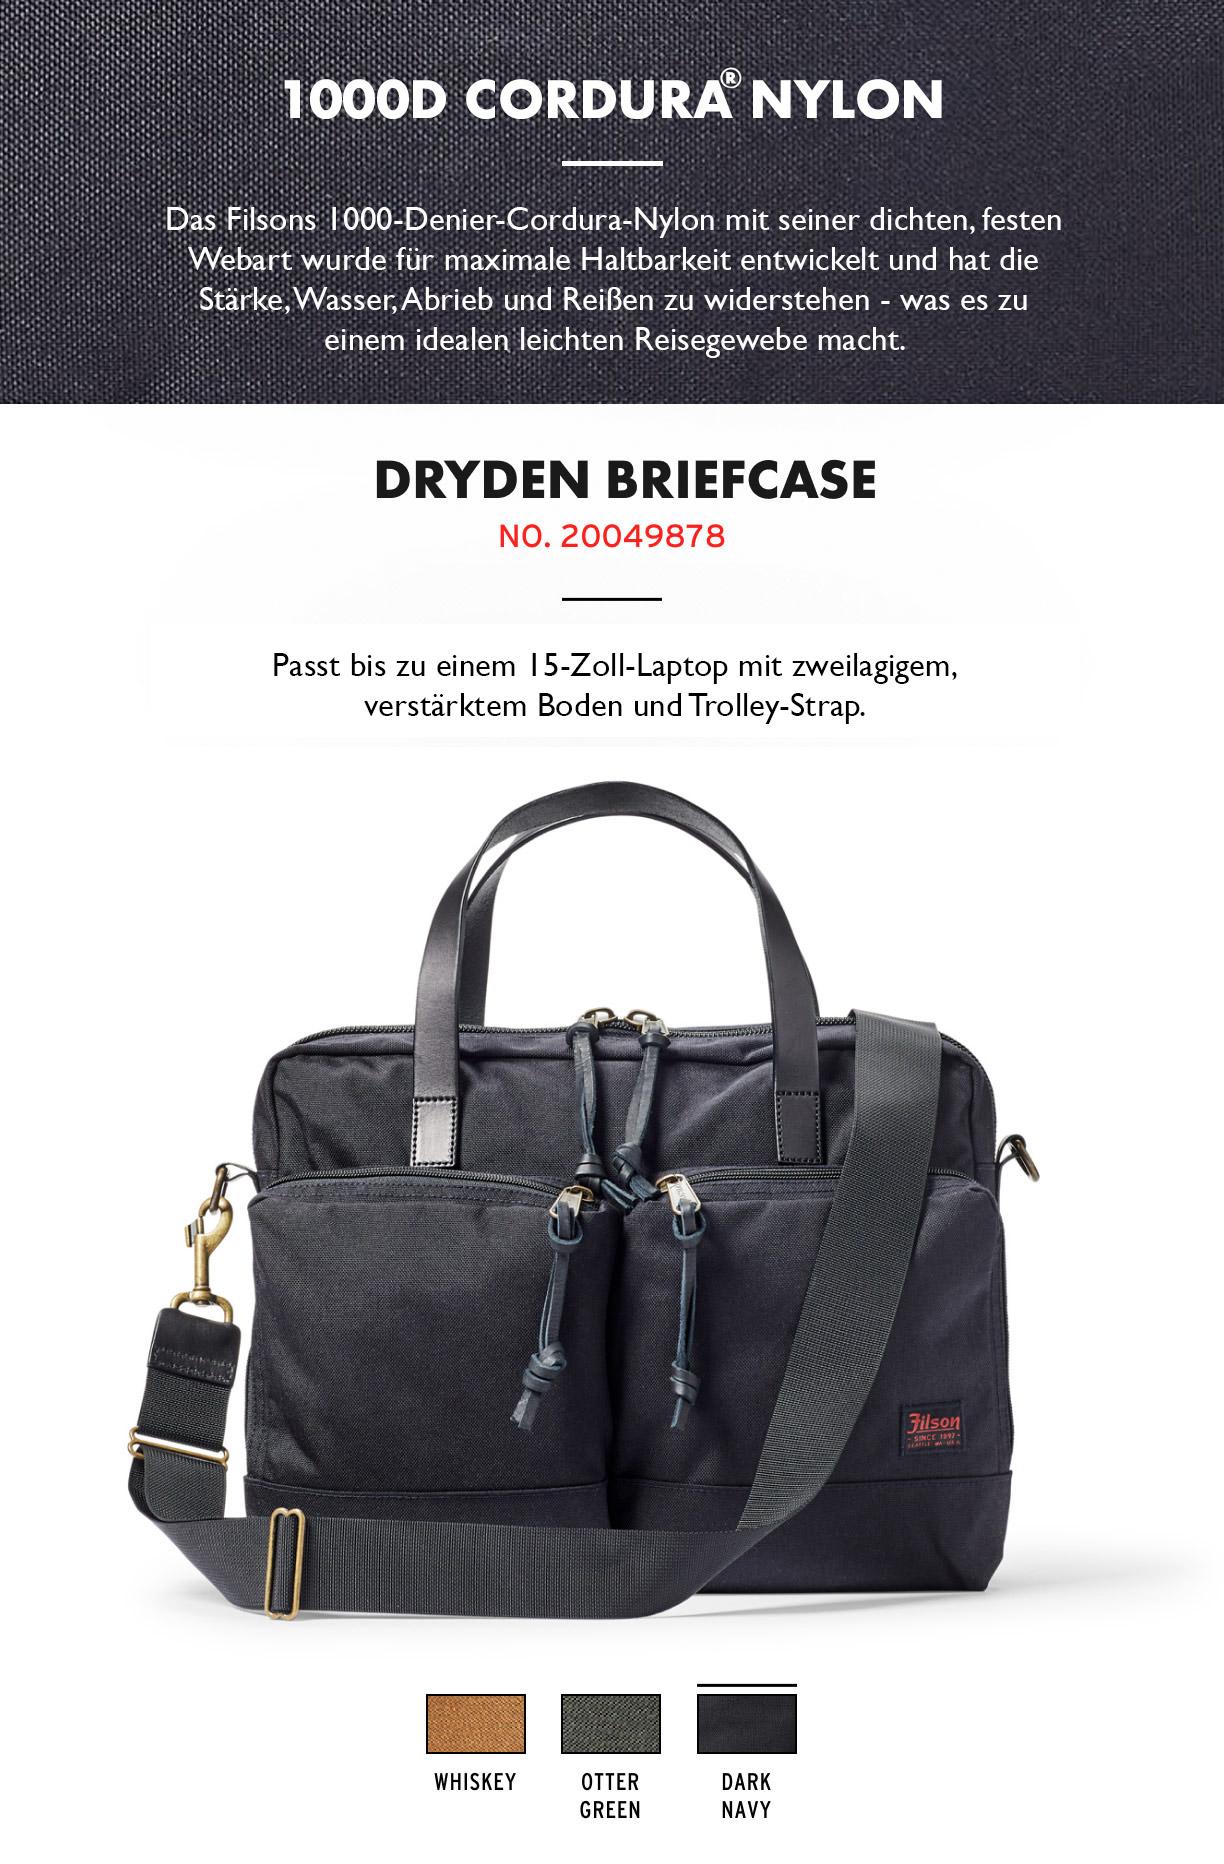 Filson-Dryden-Briefcase-darknavy-20049878-Produktinformationen